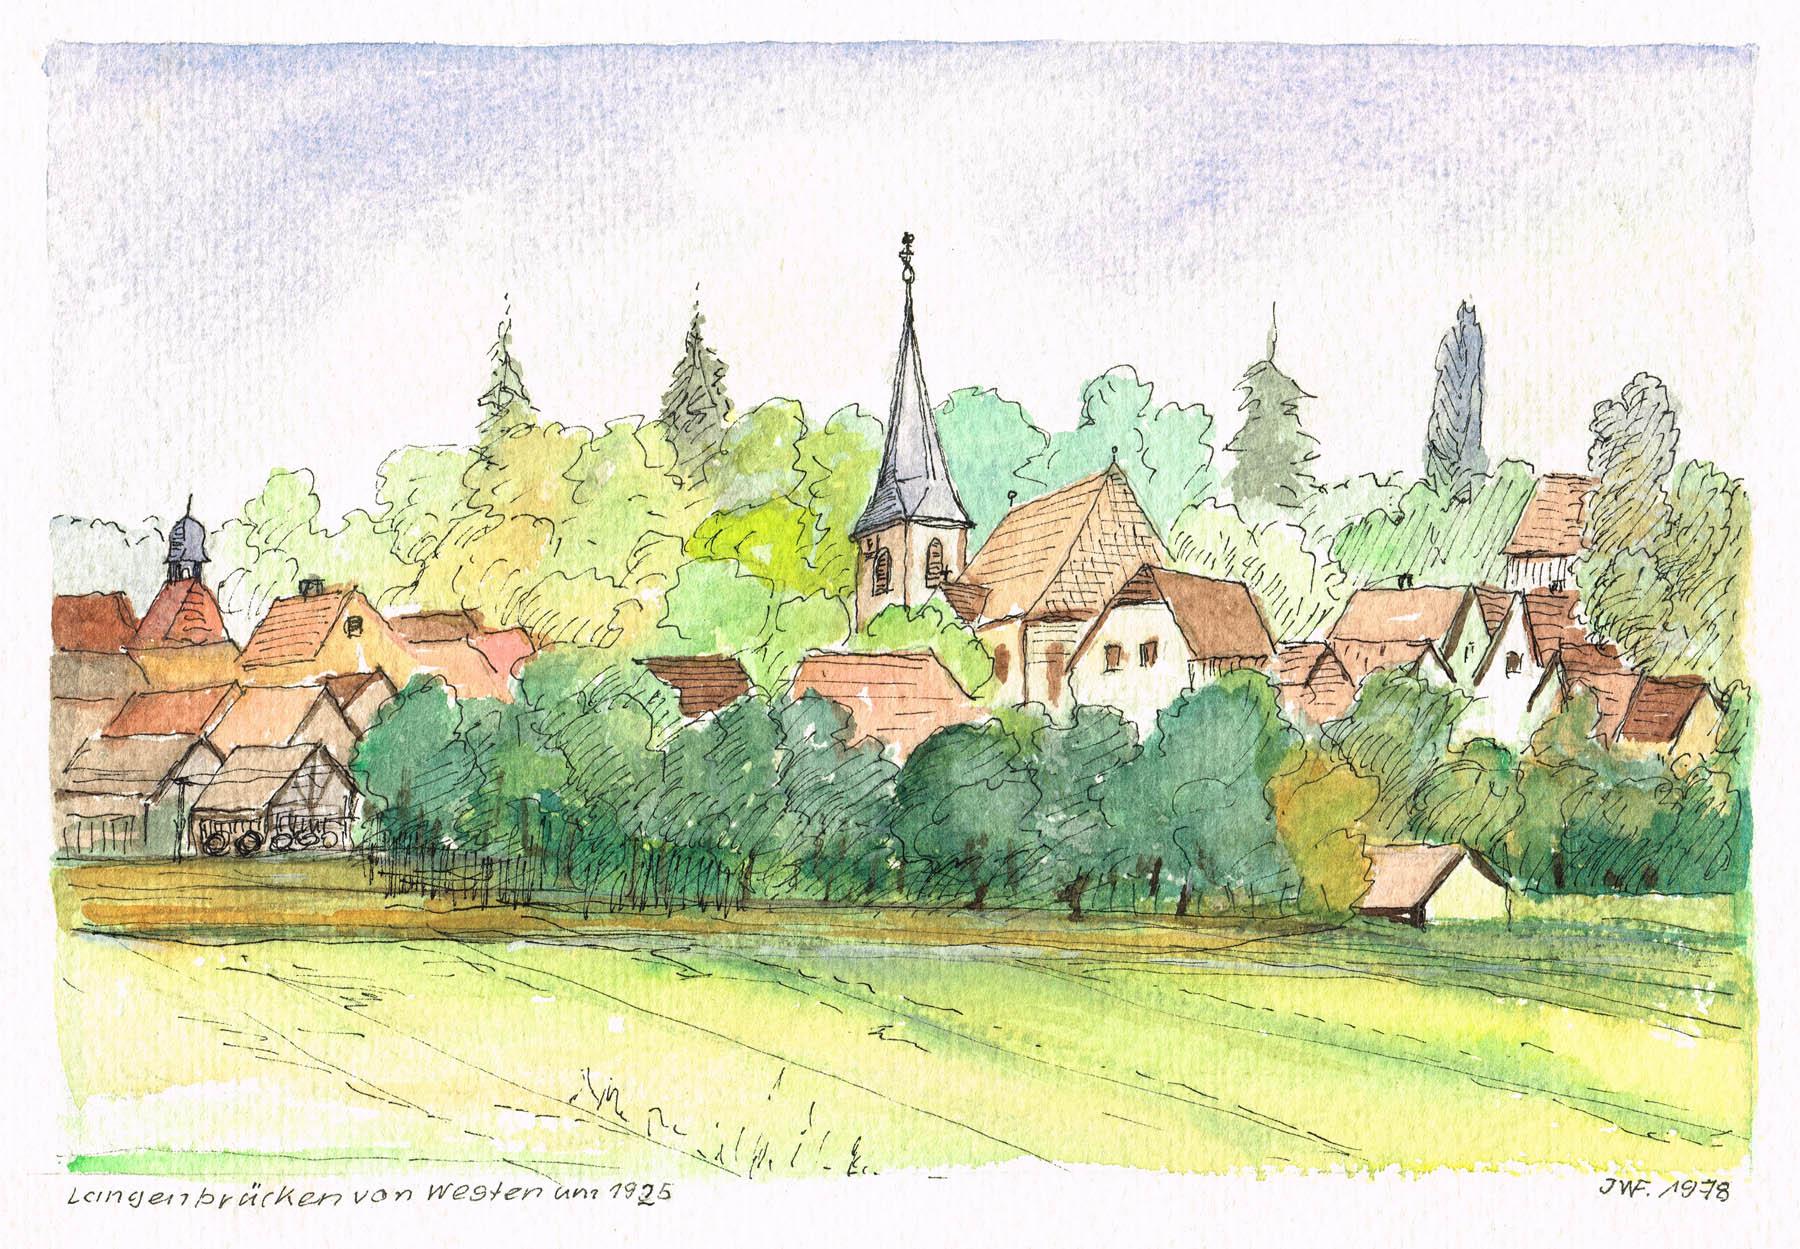 Ortsansicht Langenbrücken von Westen um 1925 von Johann Wilhelm Fank